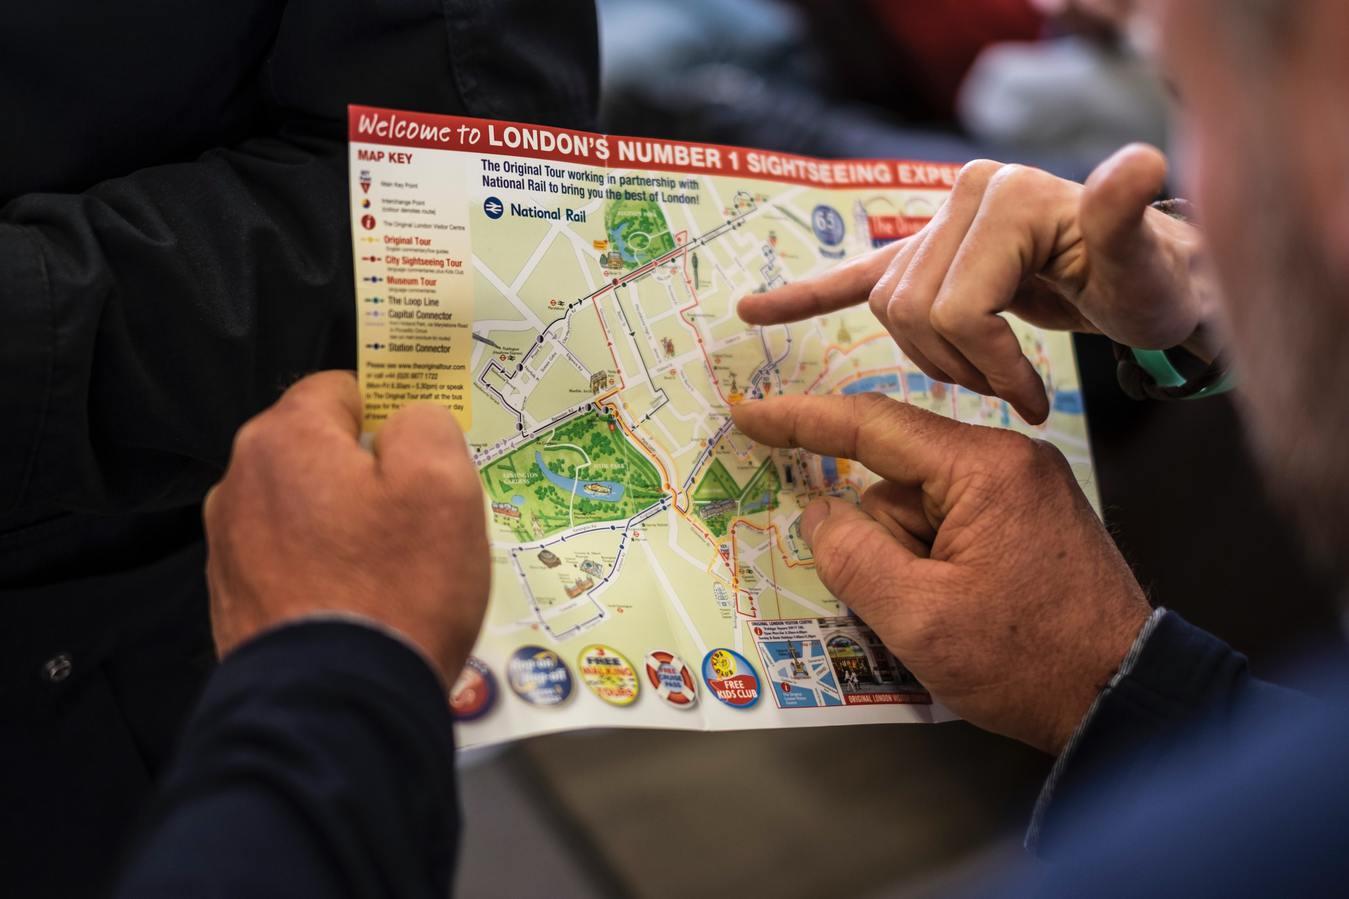 Orang membaca peta London